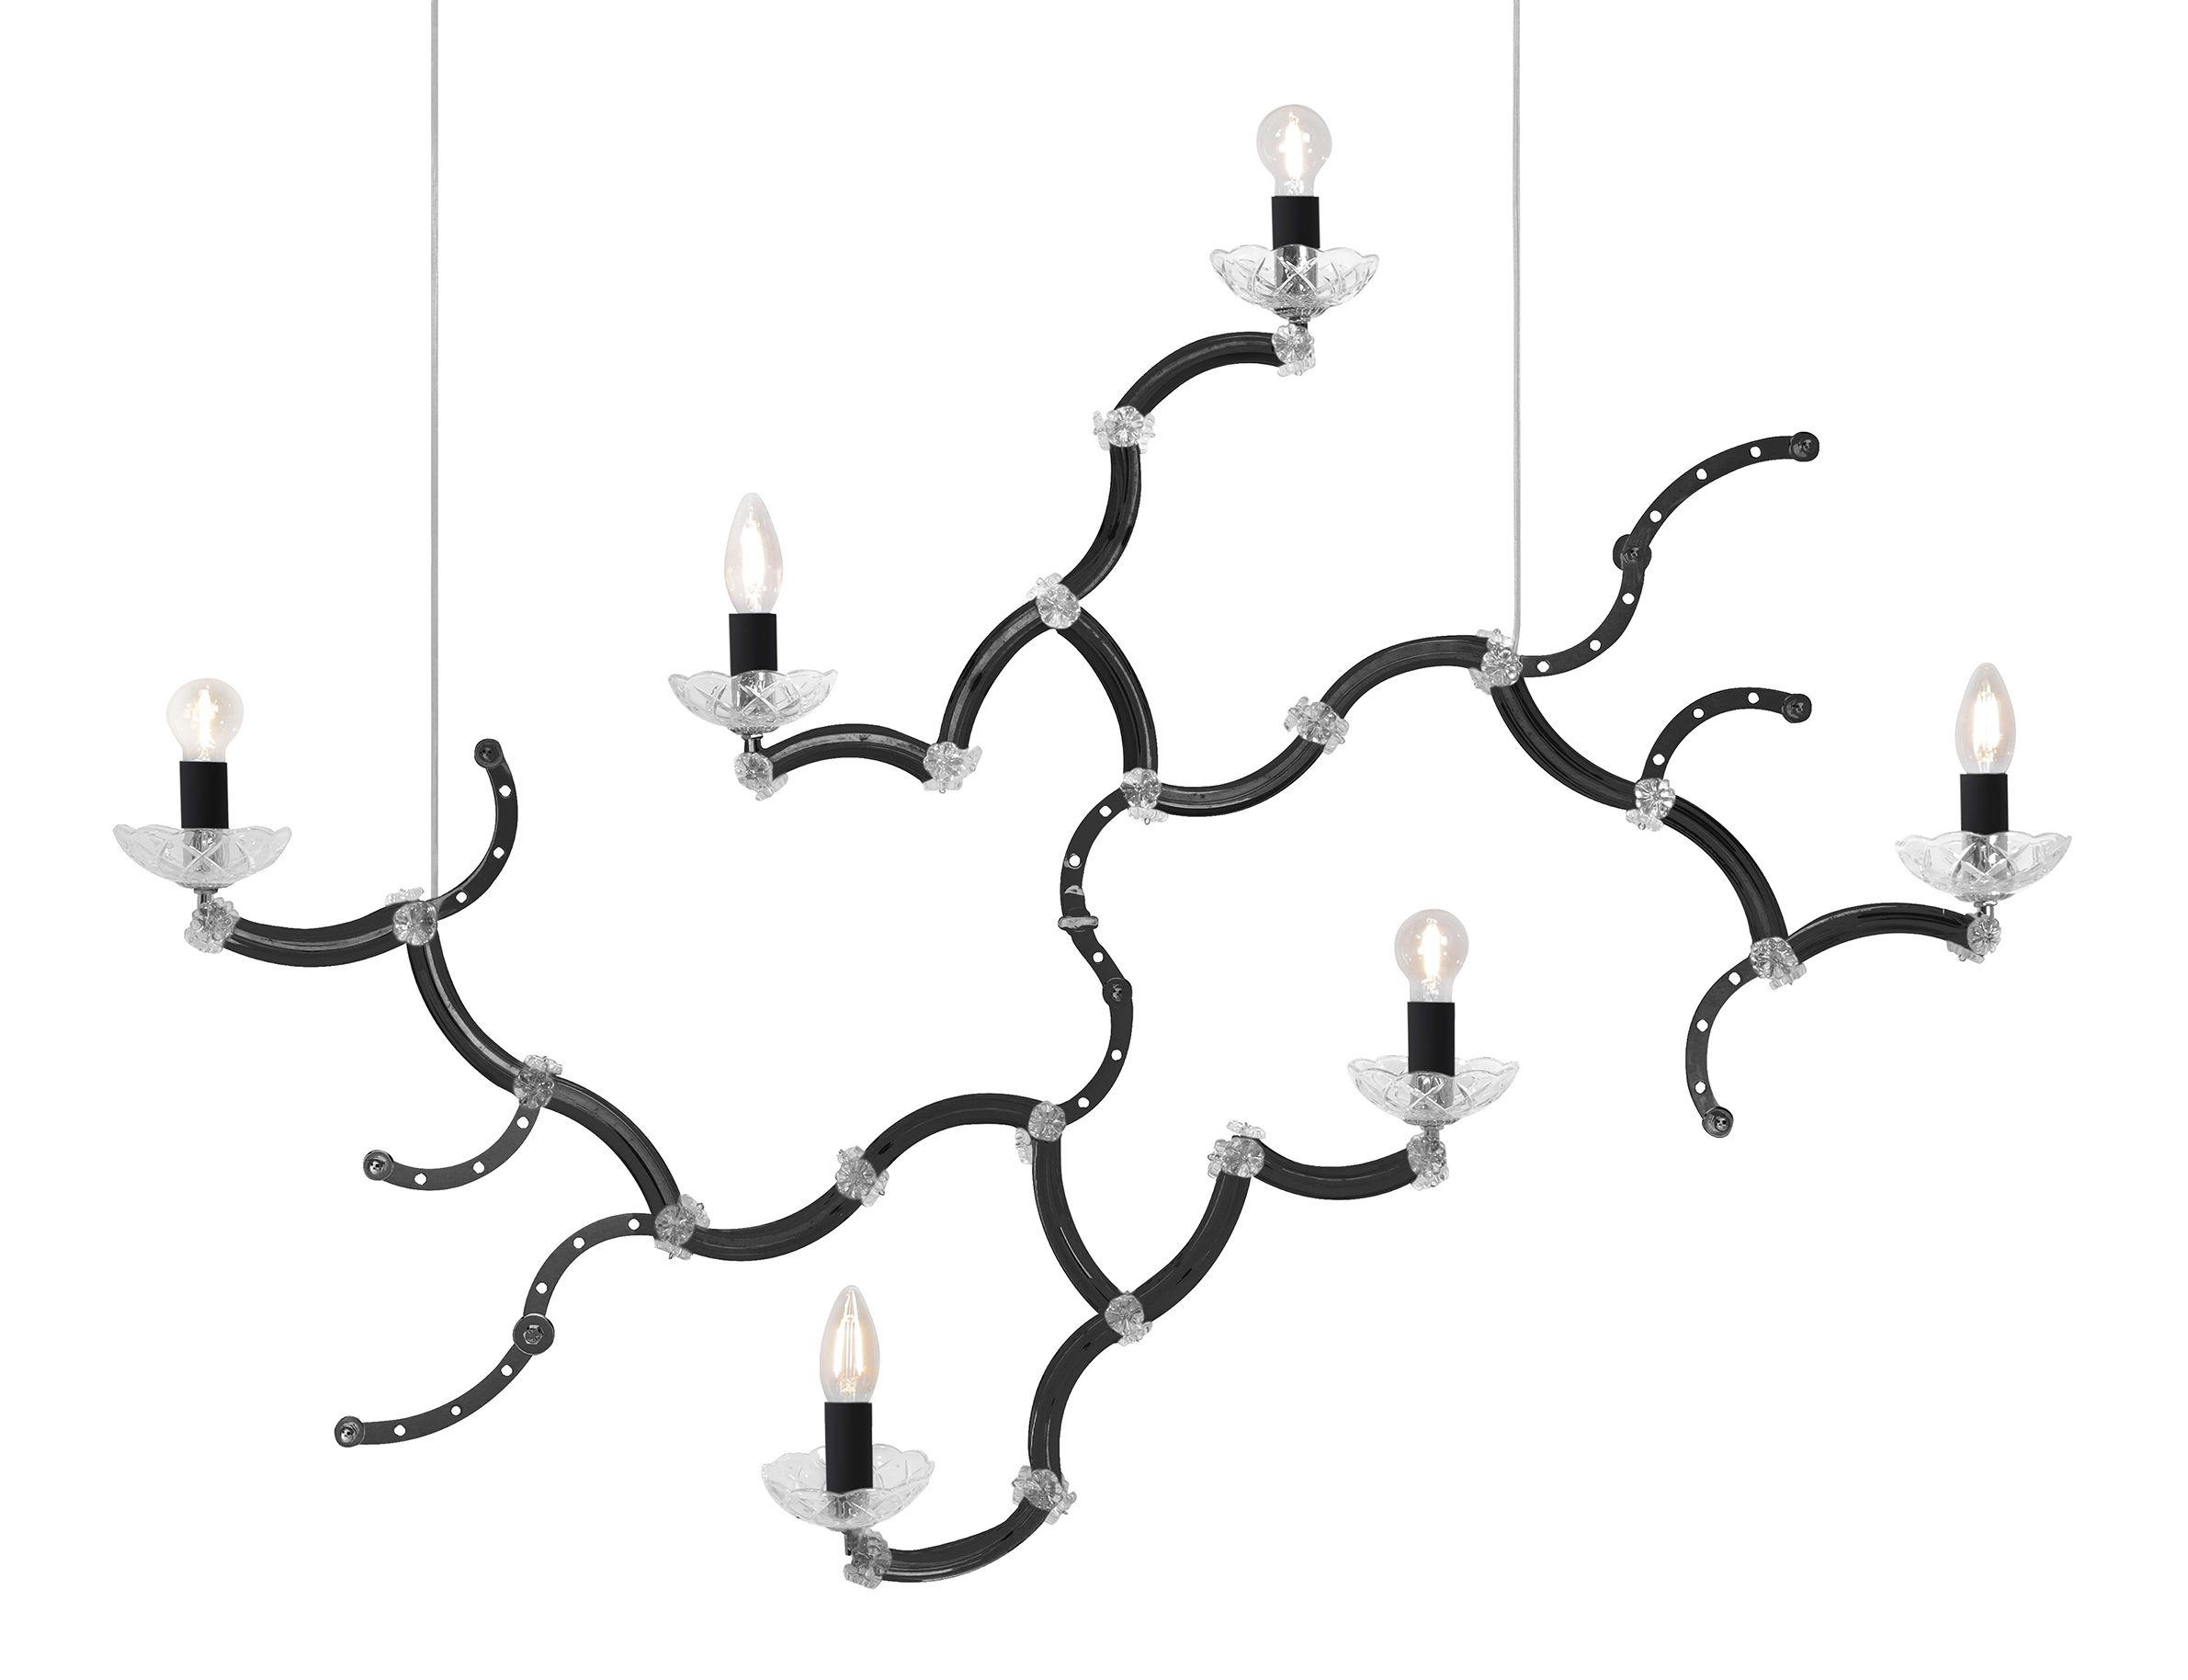 Luminaire - Suspensions - Suspension Ghebo / Verre & Métal - L 115 x H 81 cm - Karman - Noir - Métal, Verre